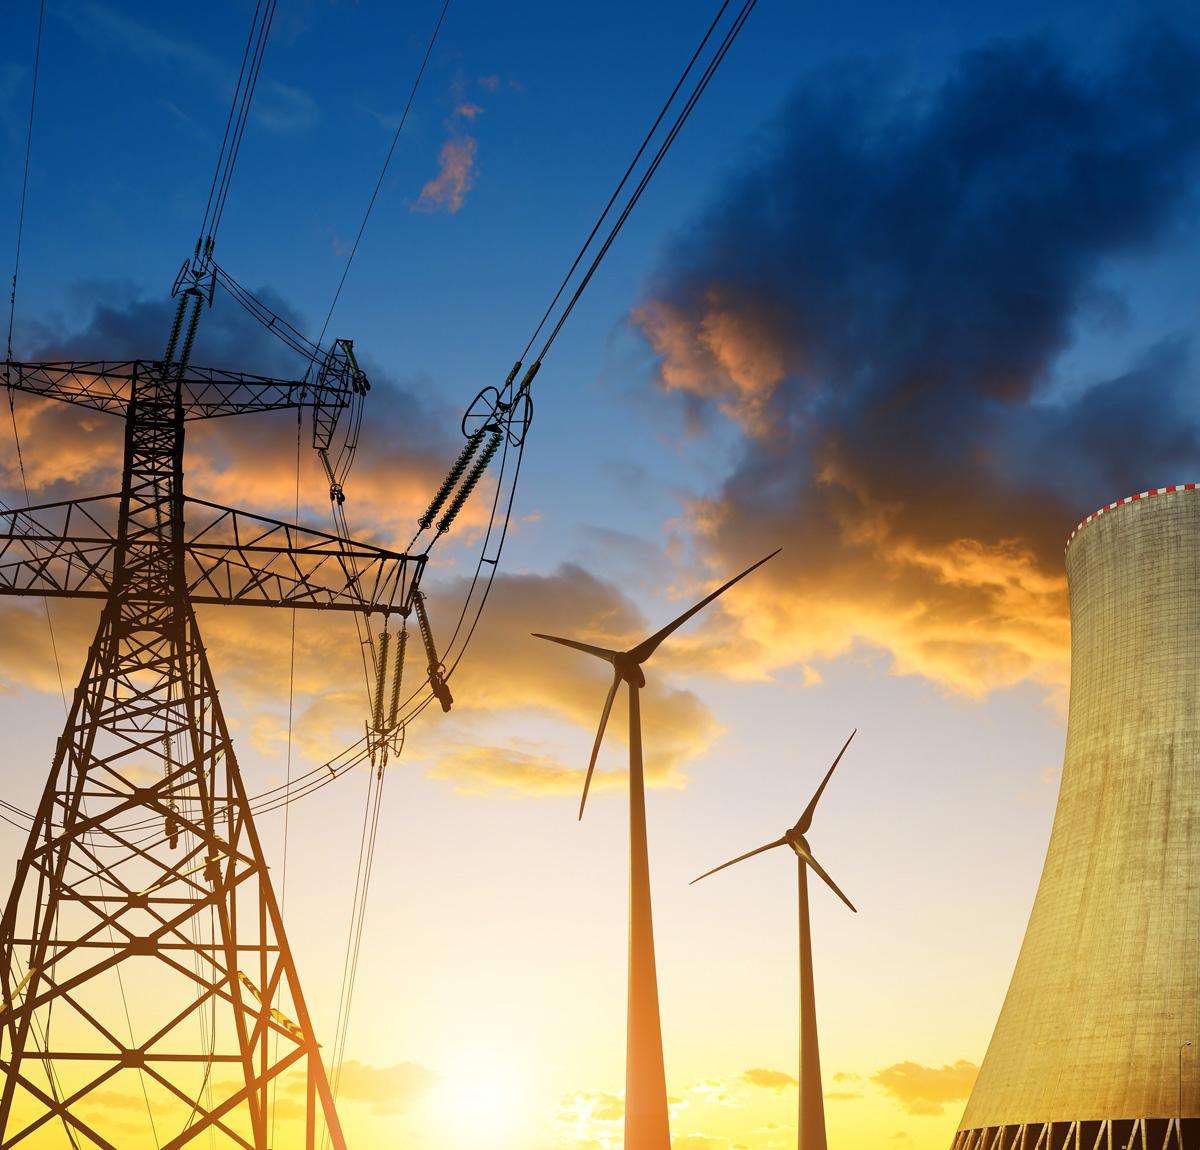 Energy utilities